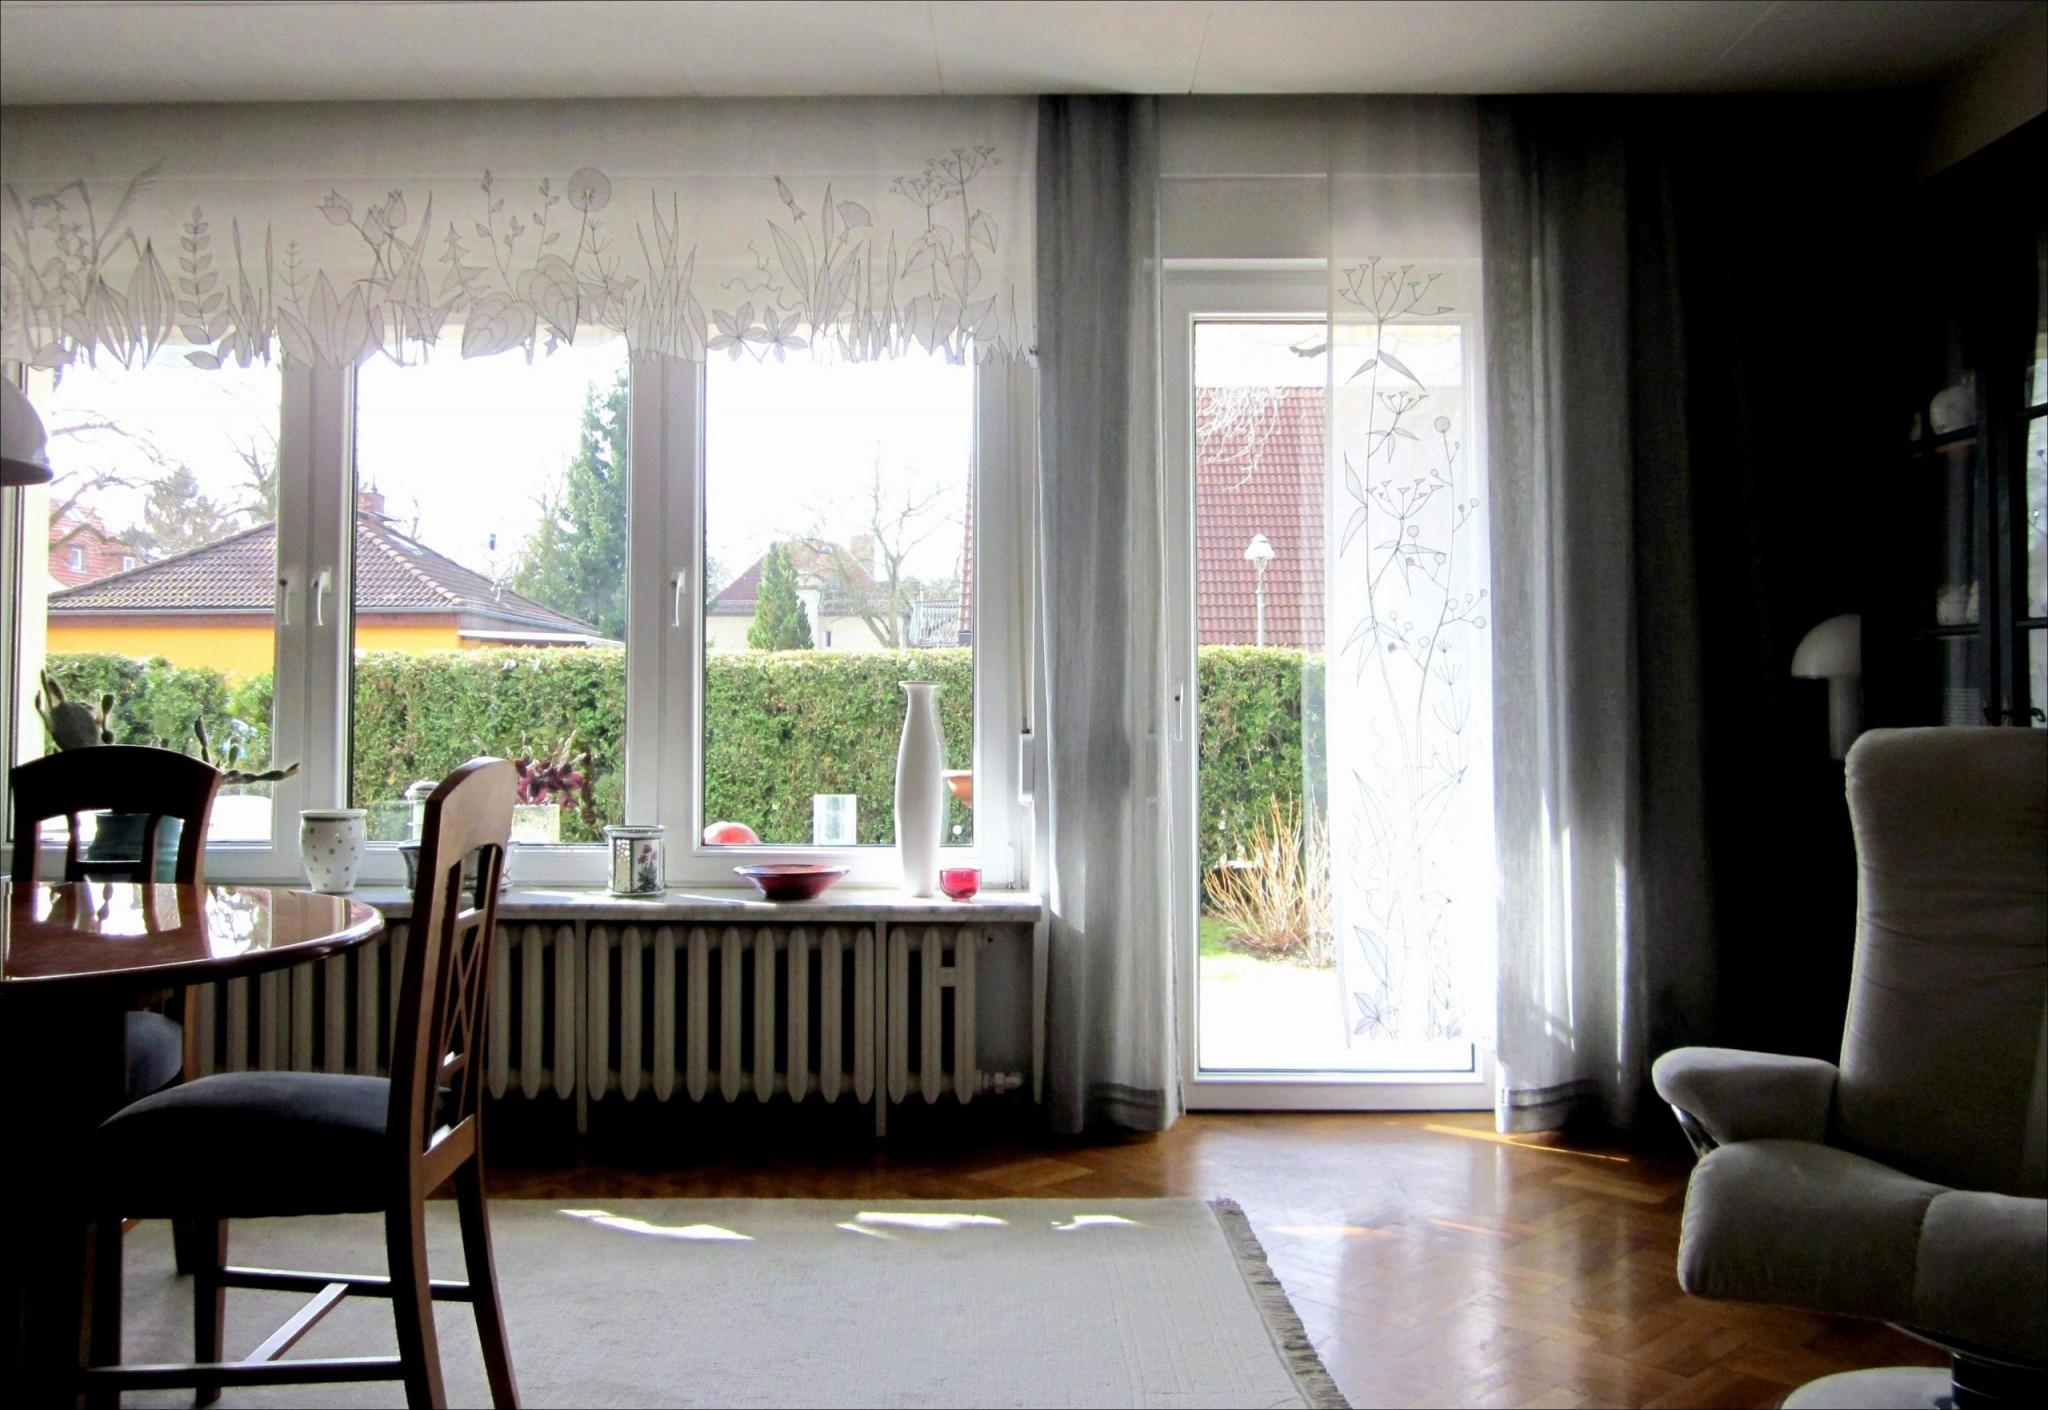 Schlafzimmer Gardinen Kurz – Caseconrad von Gardinen Wohnzimmer Kurz Und Lang Bild